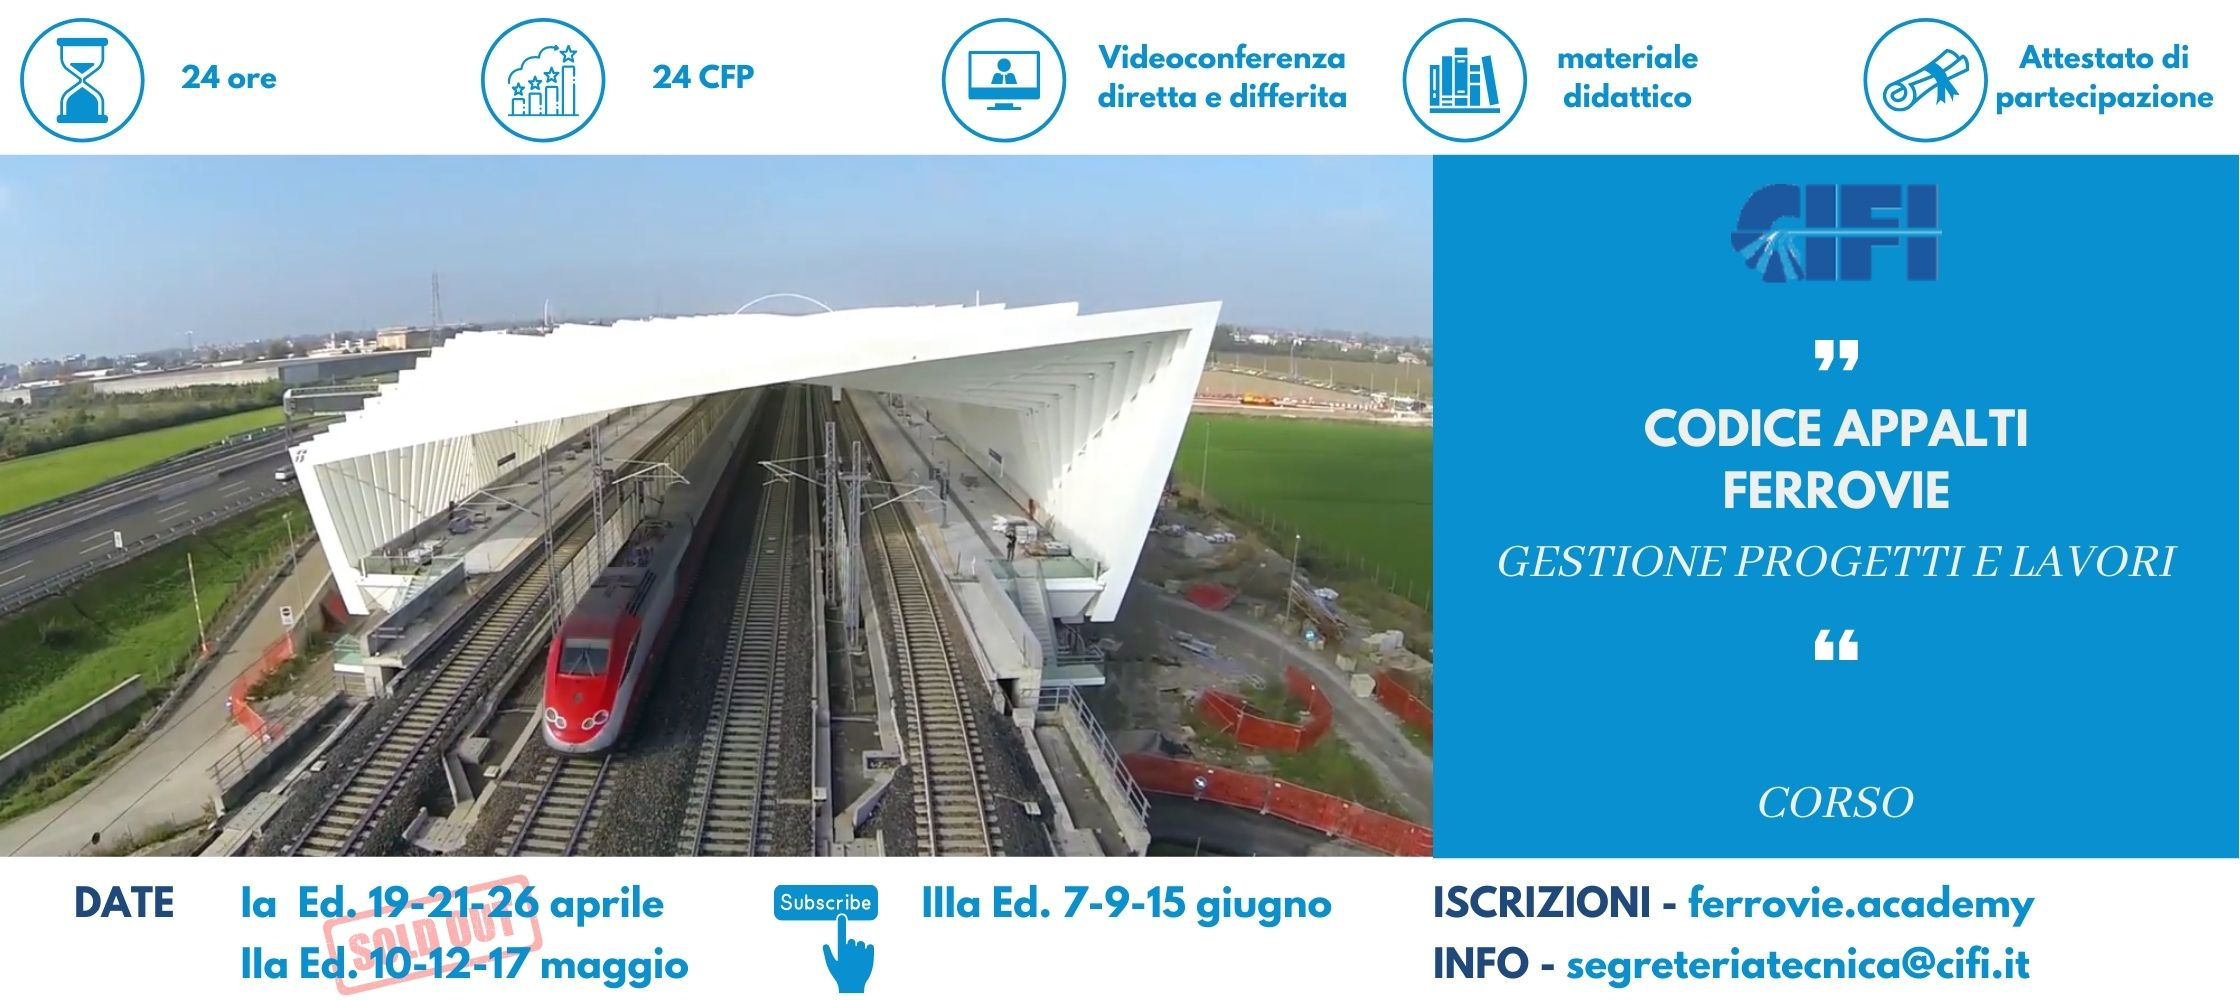 Corso Codice Appalti nelle Ferrovie: come iscriversi